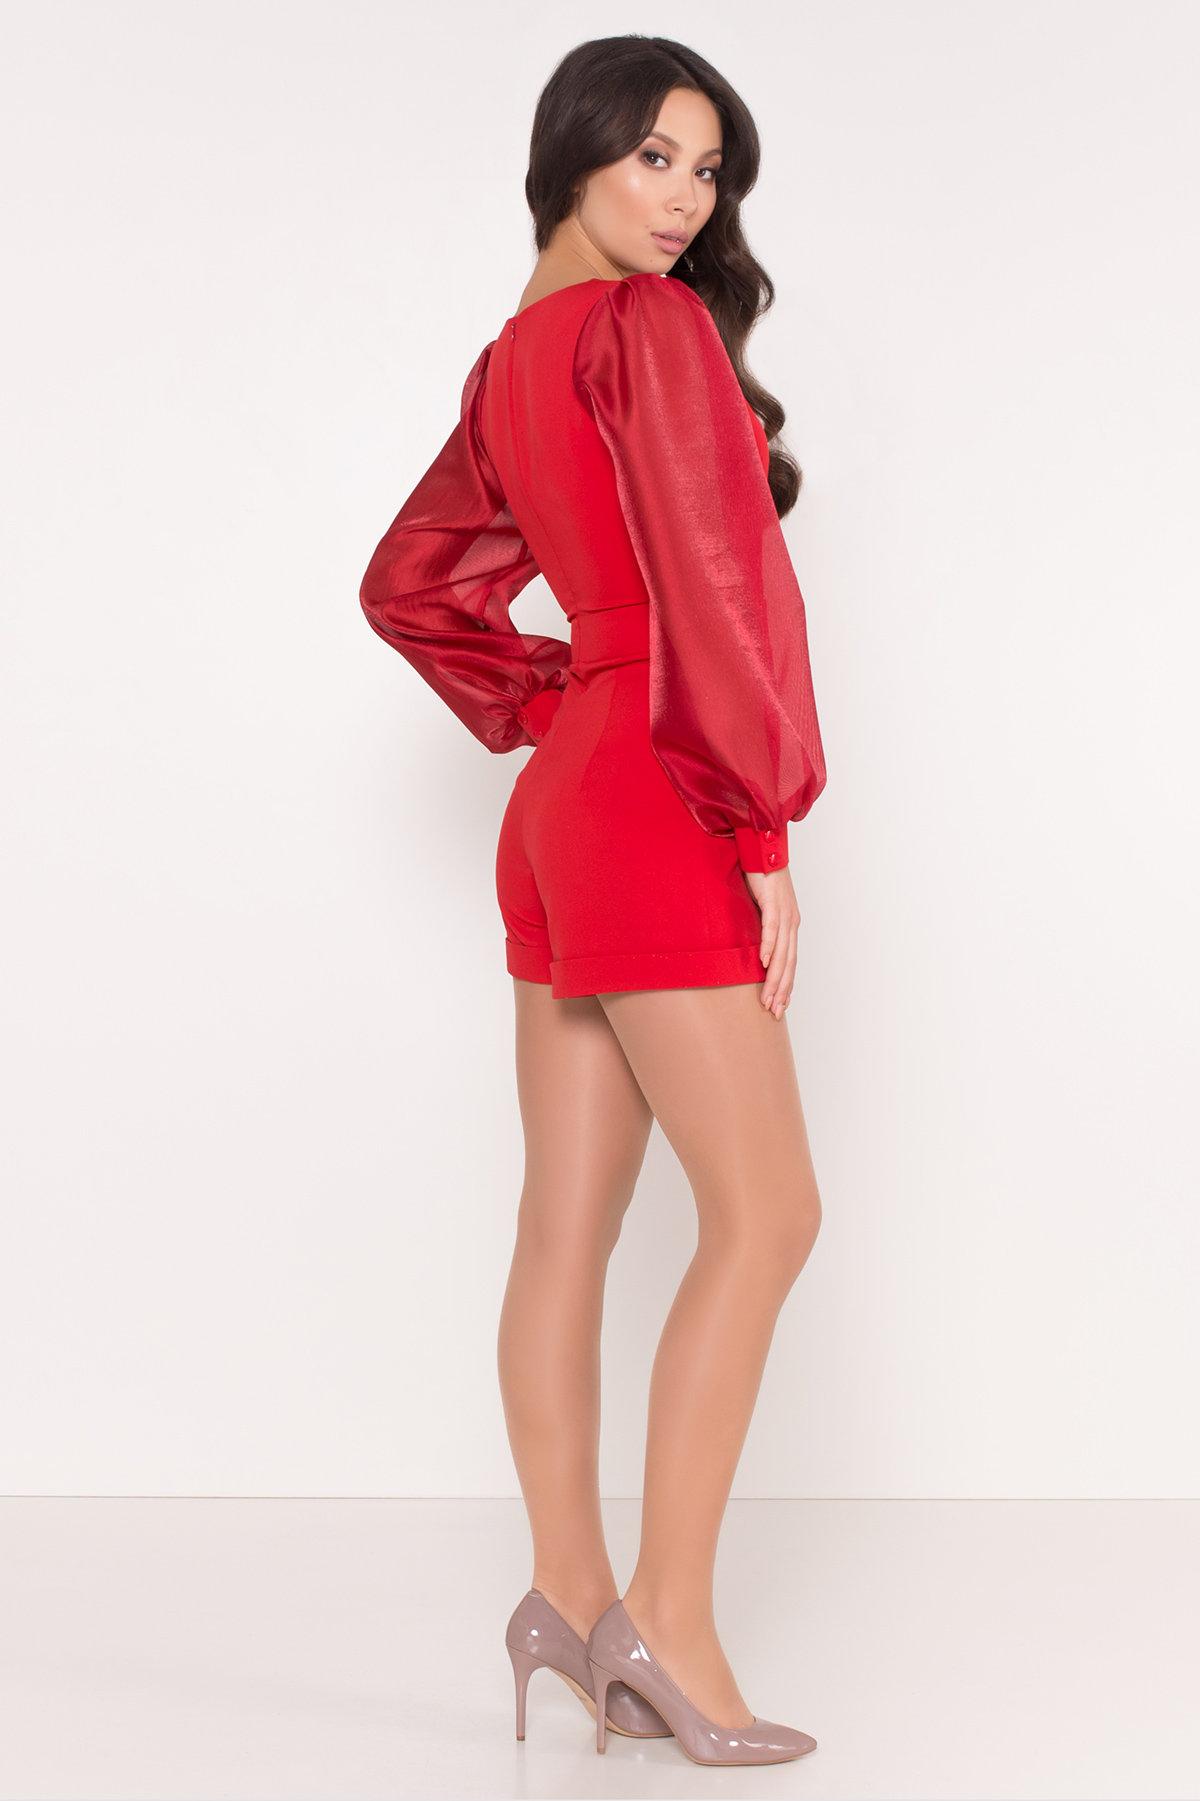 Комбинезон с шортами и широкими рукавами Набель 8506 Цвет: Красный